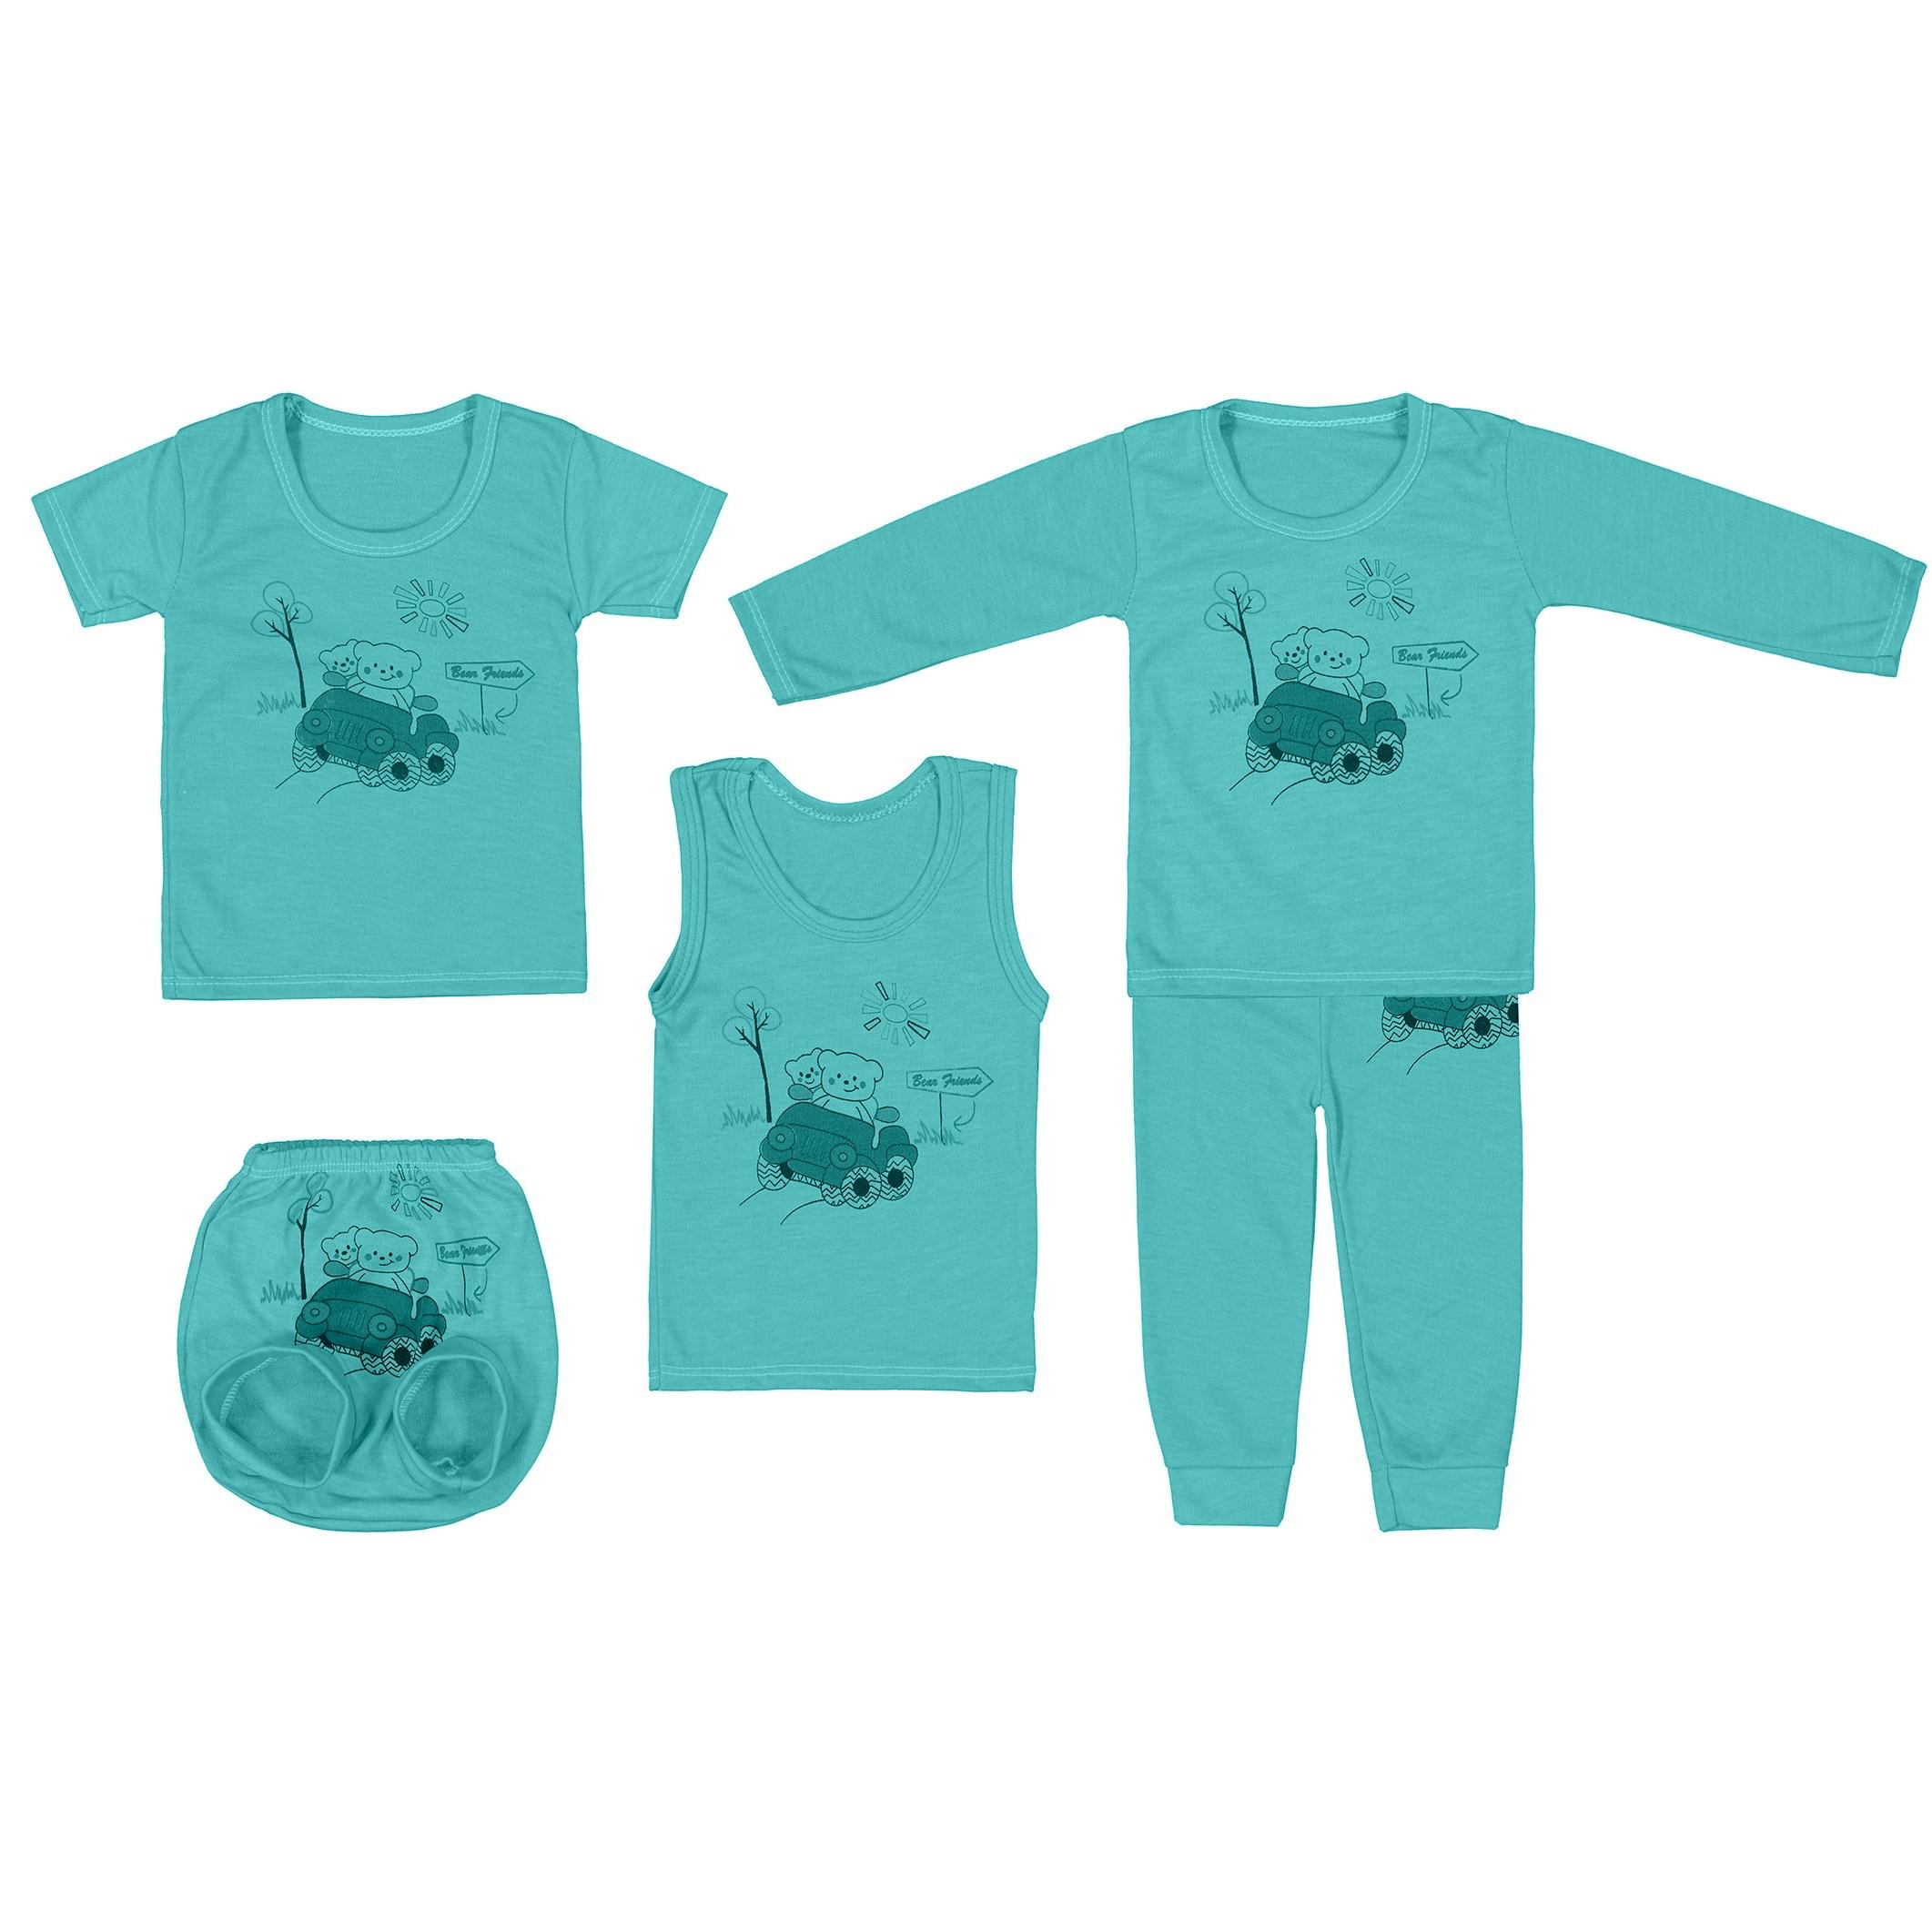 ست 5 تکه لباس نوزادی کد 008